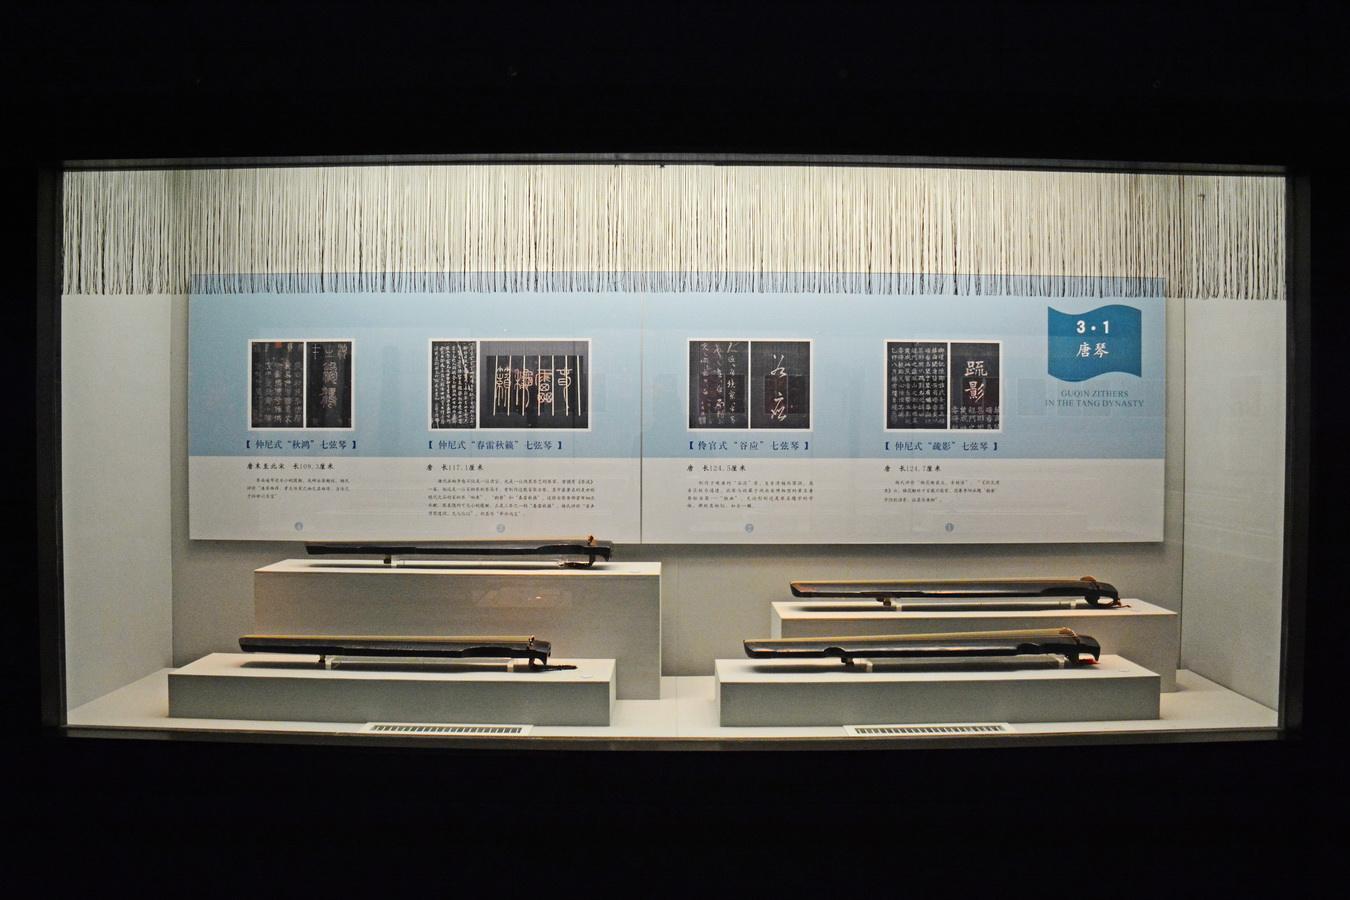 浙江省博物馆推荐四条研学线路,寒假期间馆内活动展览也不少